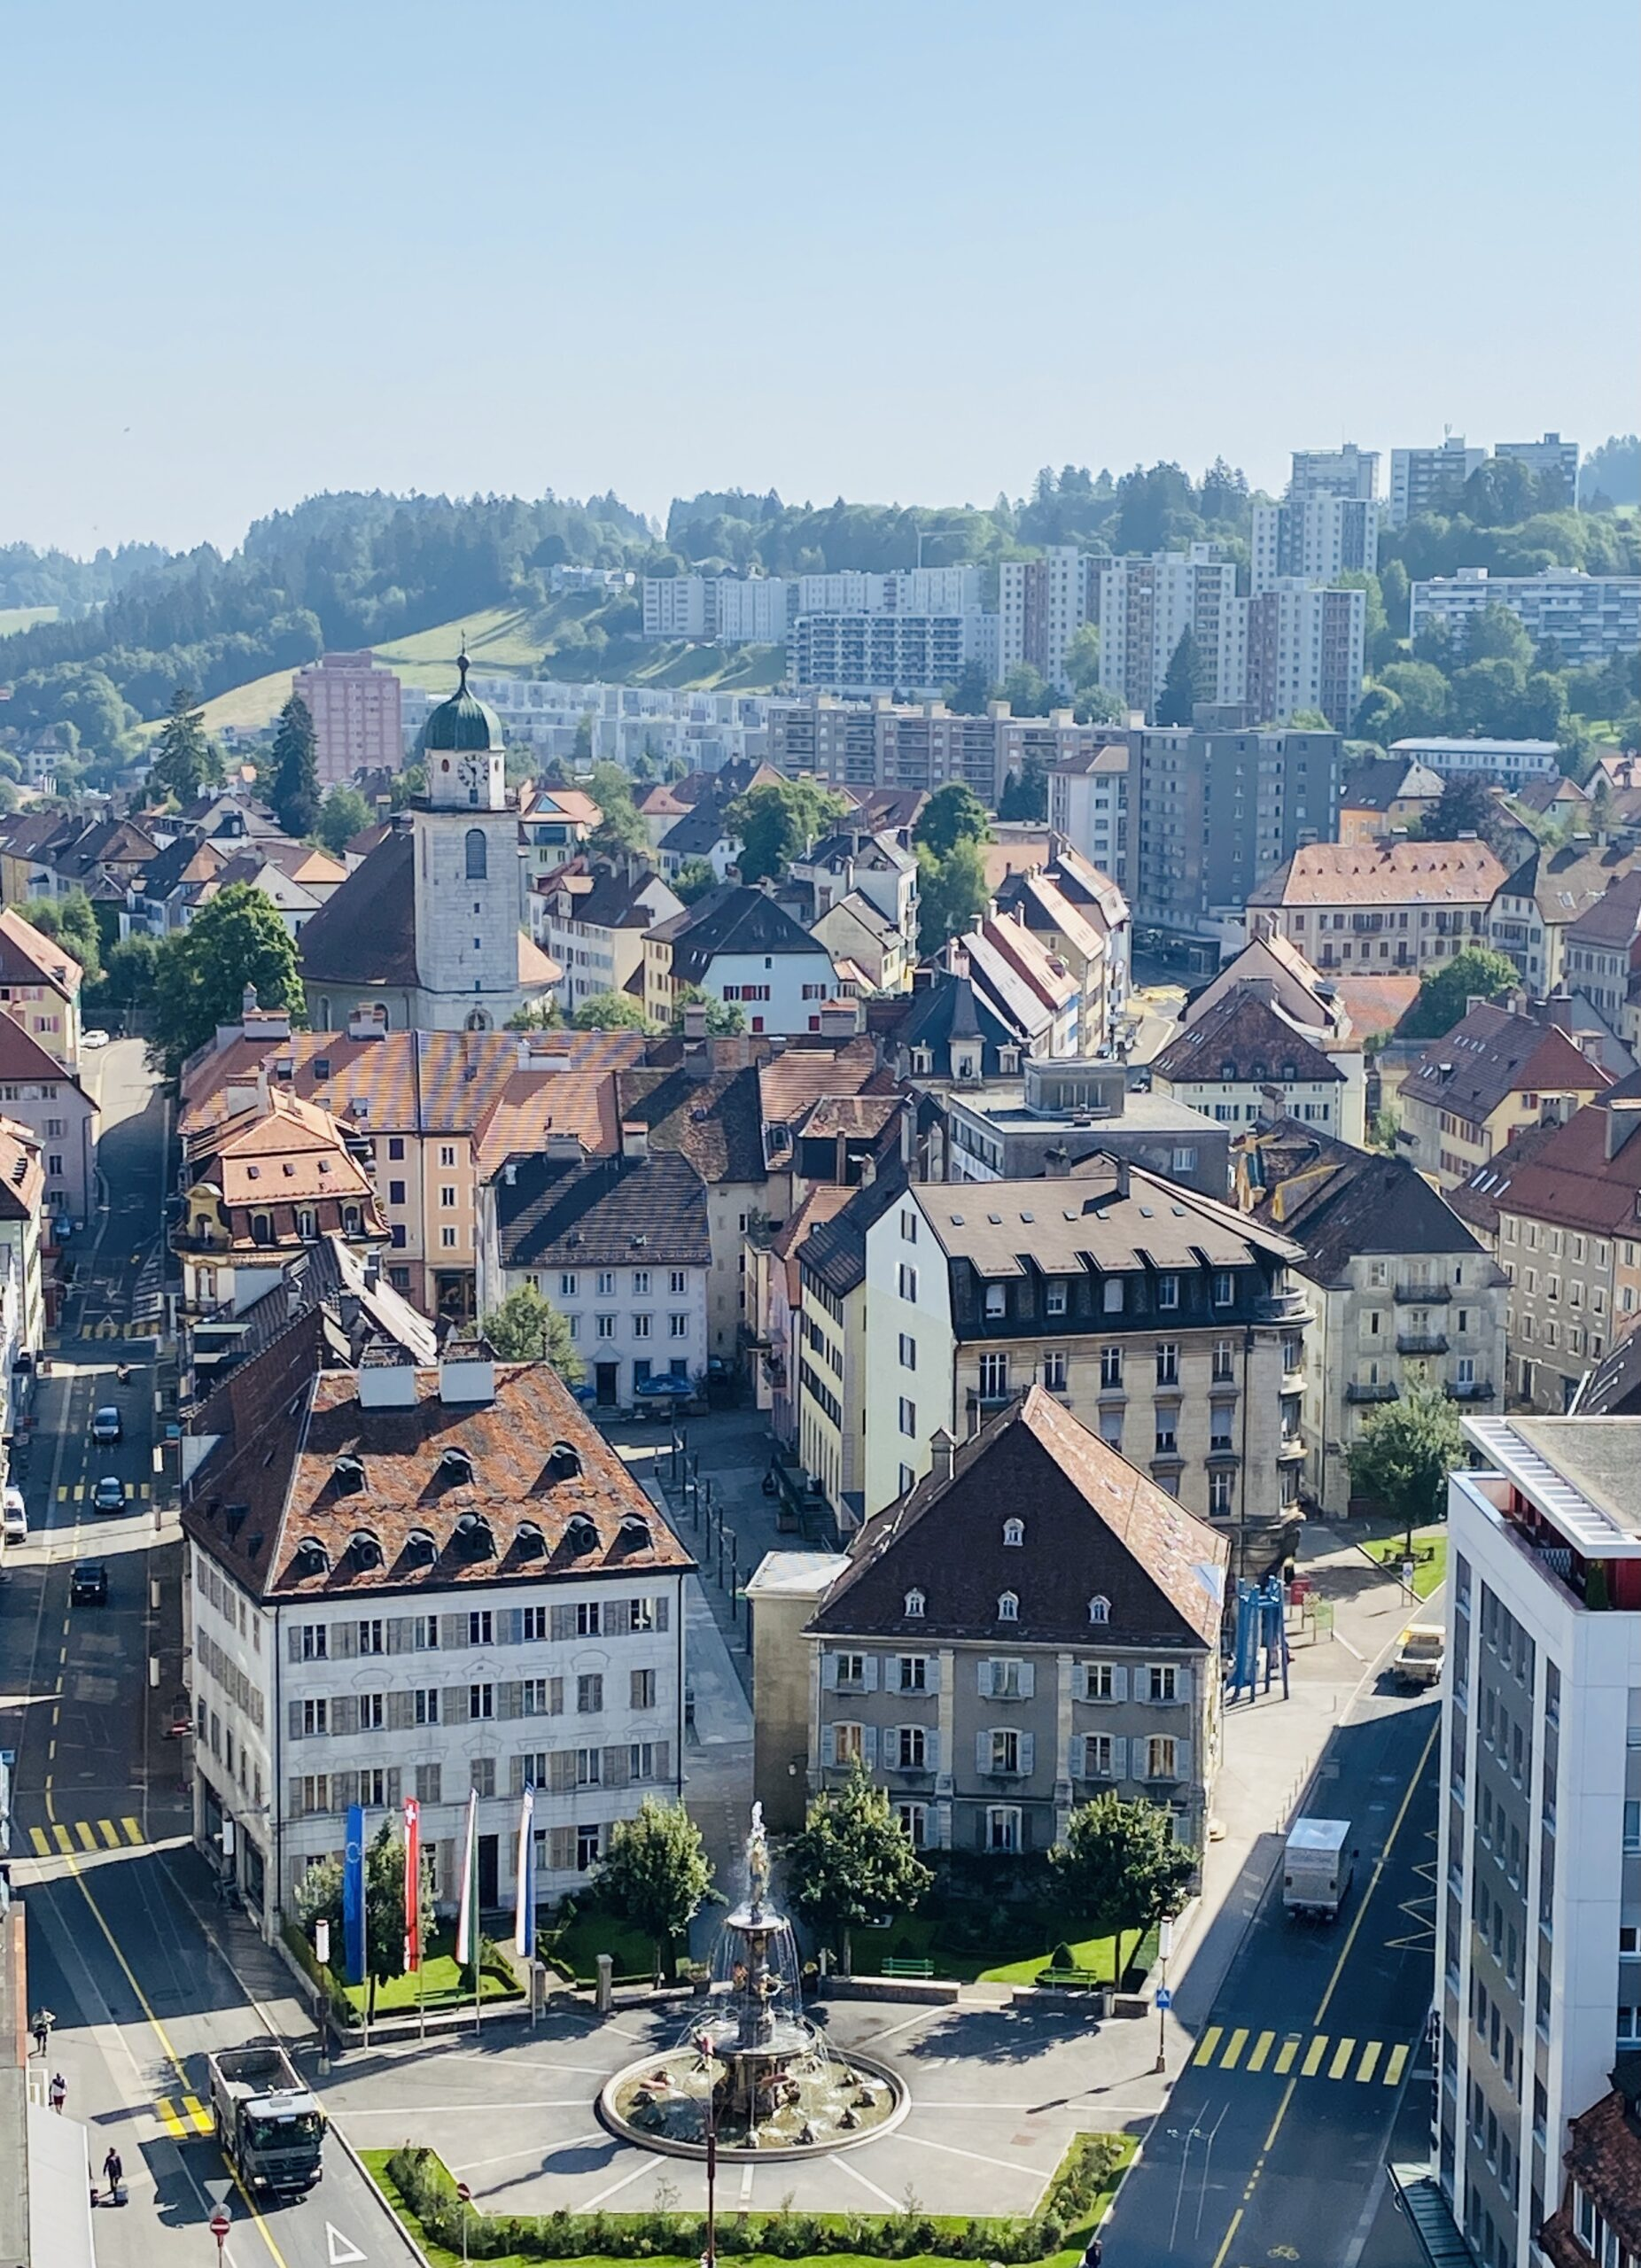 La Chaux-de-Fonds city with history